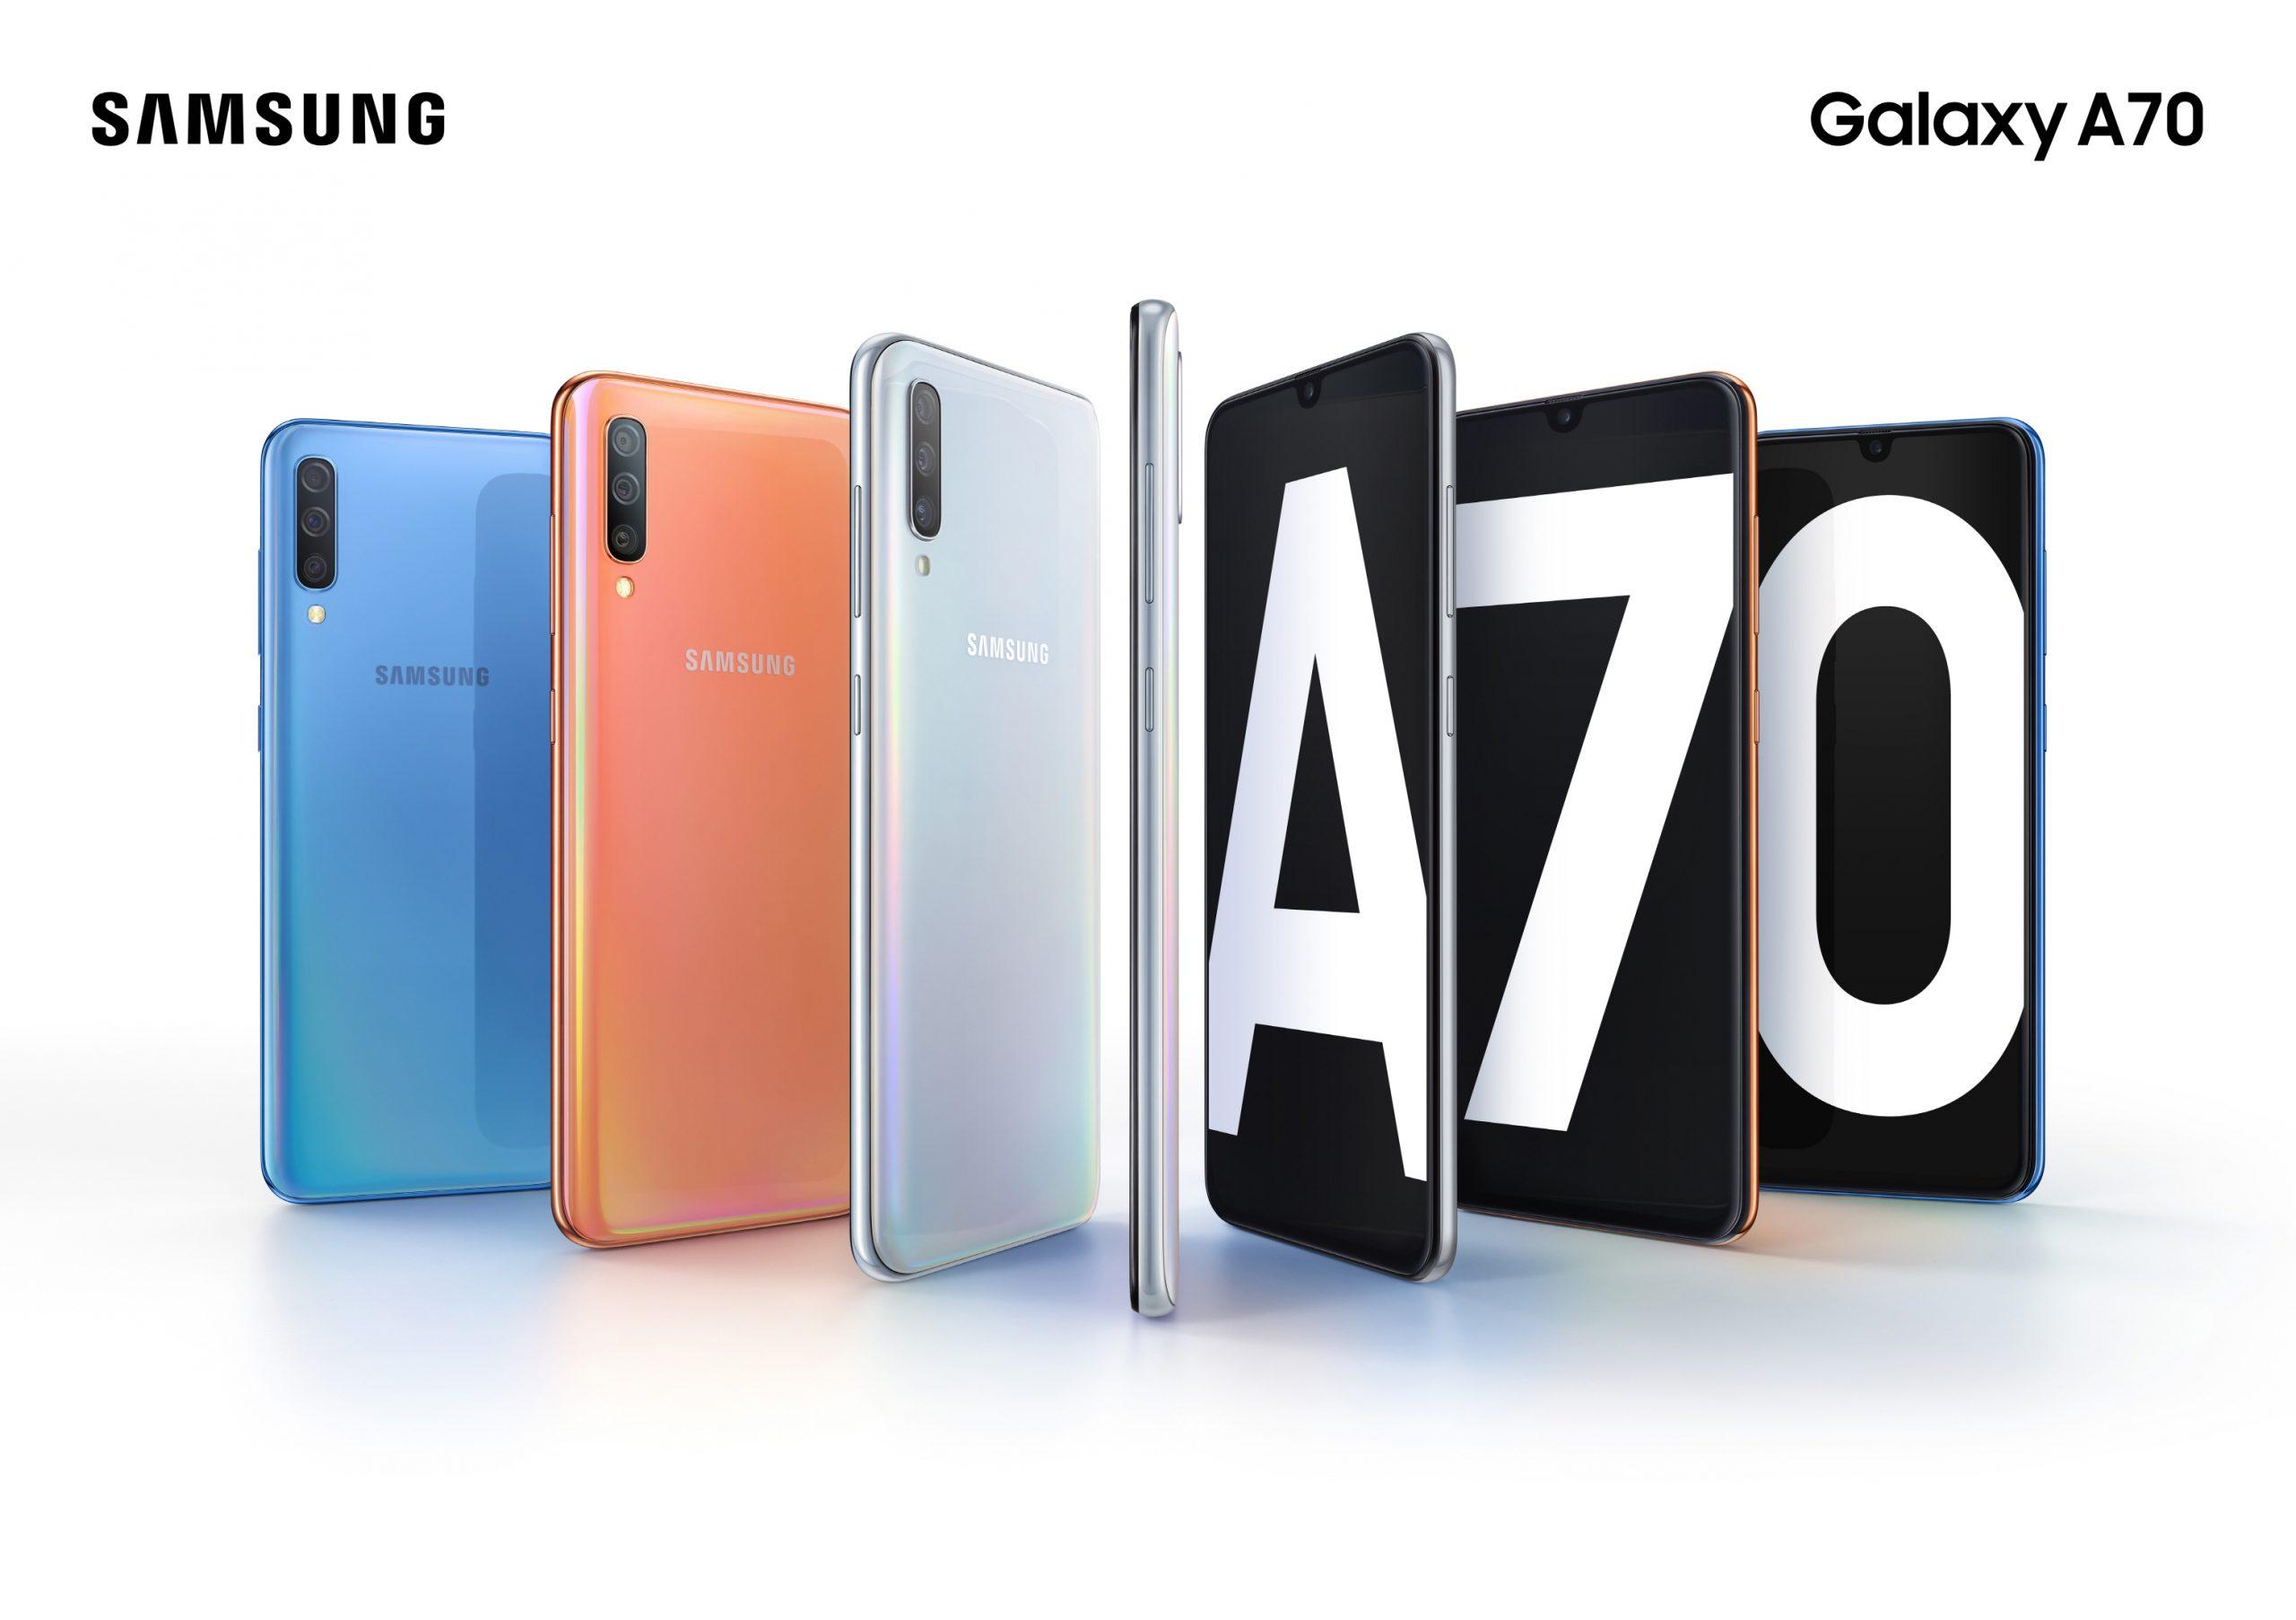 گوشی موبایل سامسونگ گلکسی A70 ظرفیت 128 گیگابایت 5